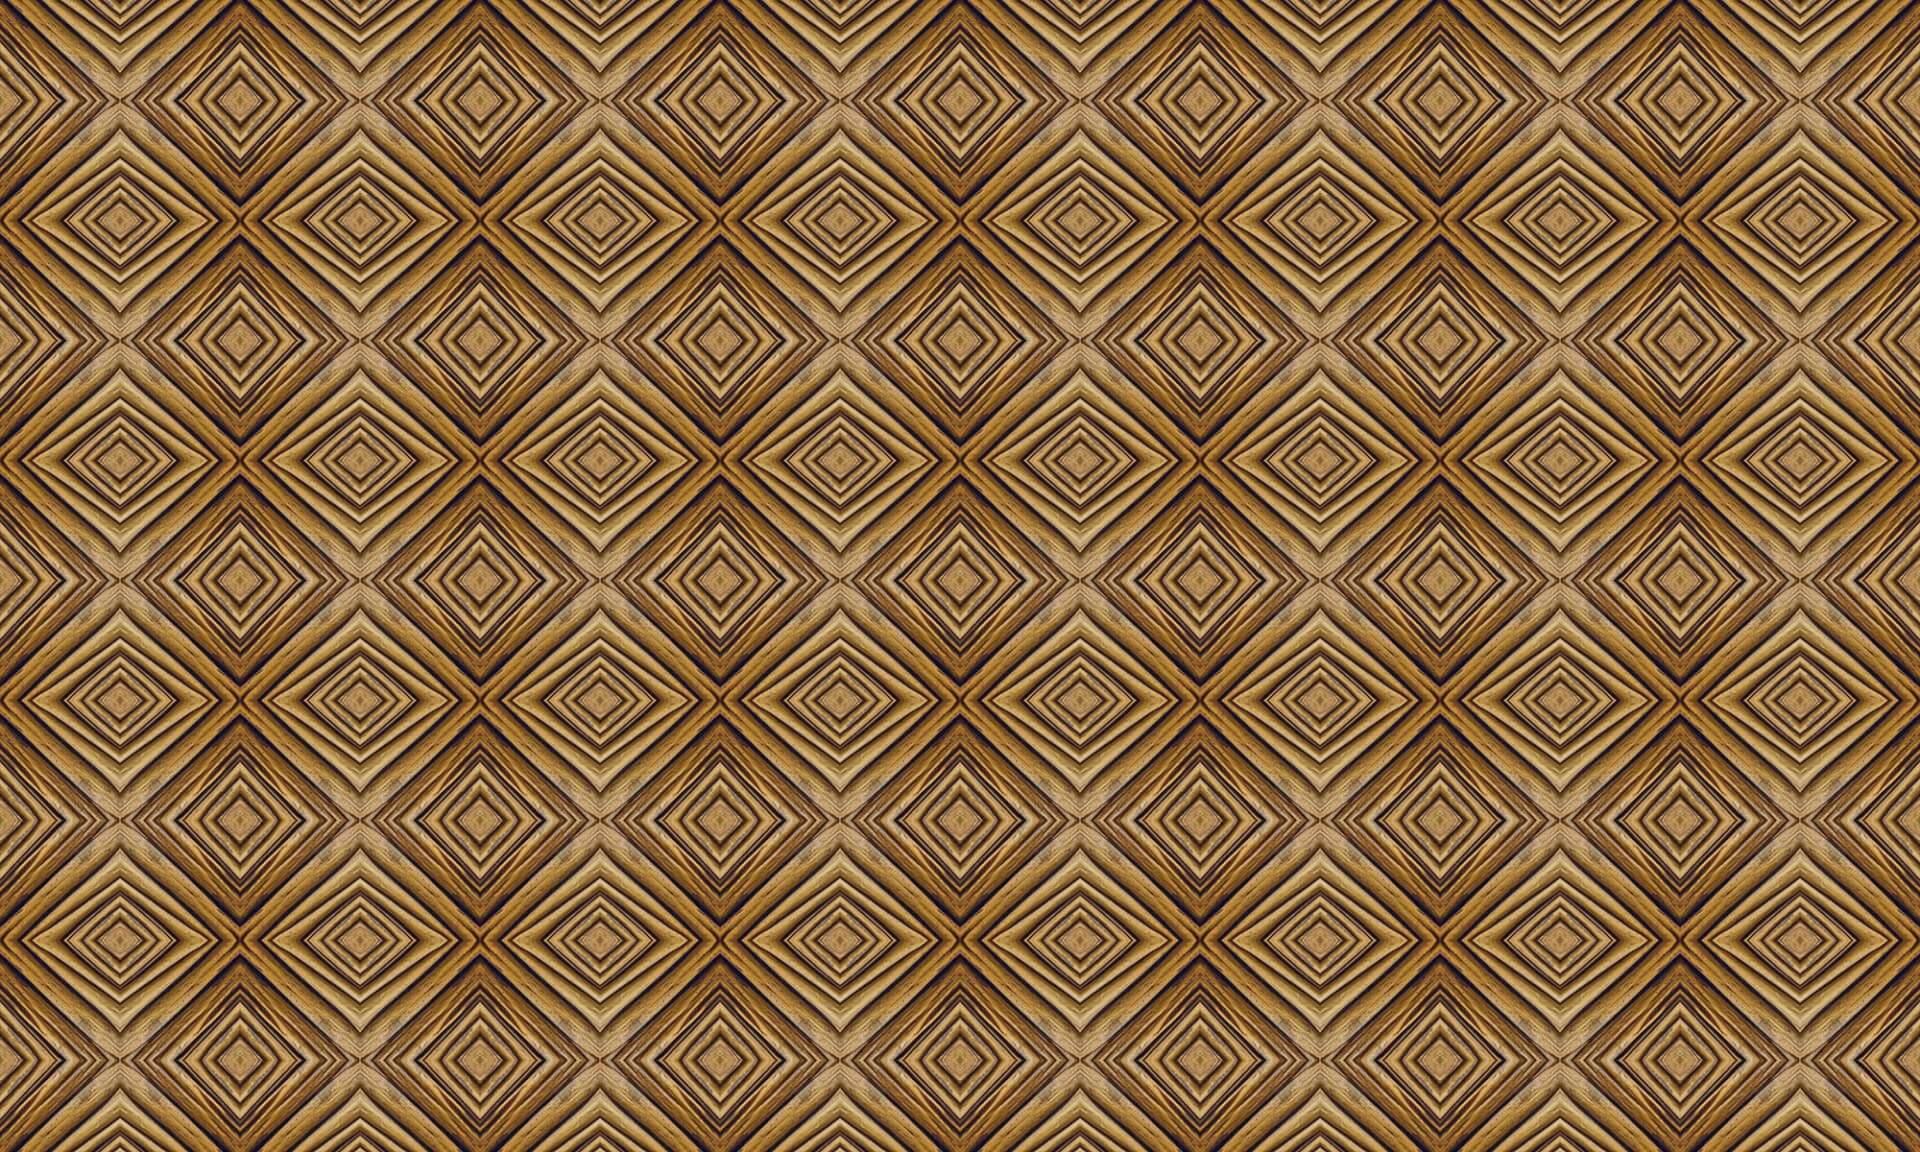 Wacky Wood Paneling (DE0594)-Diamond Doug Garrabrants